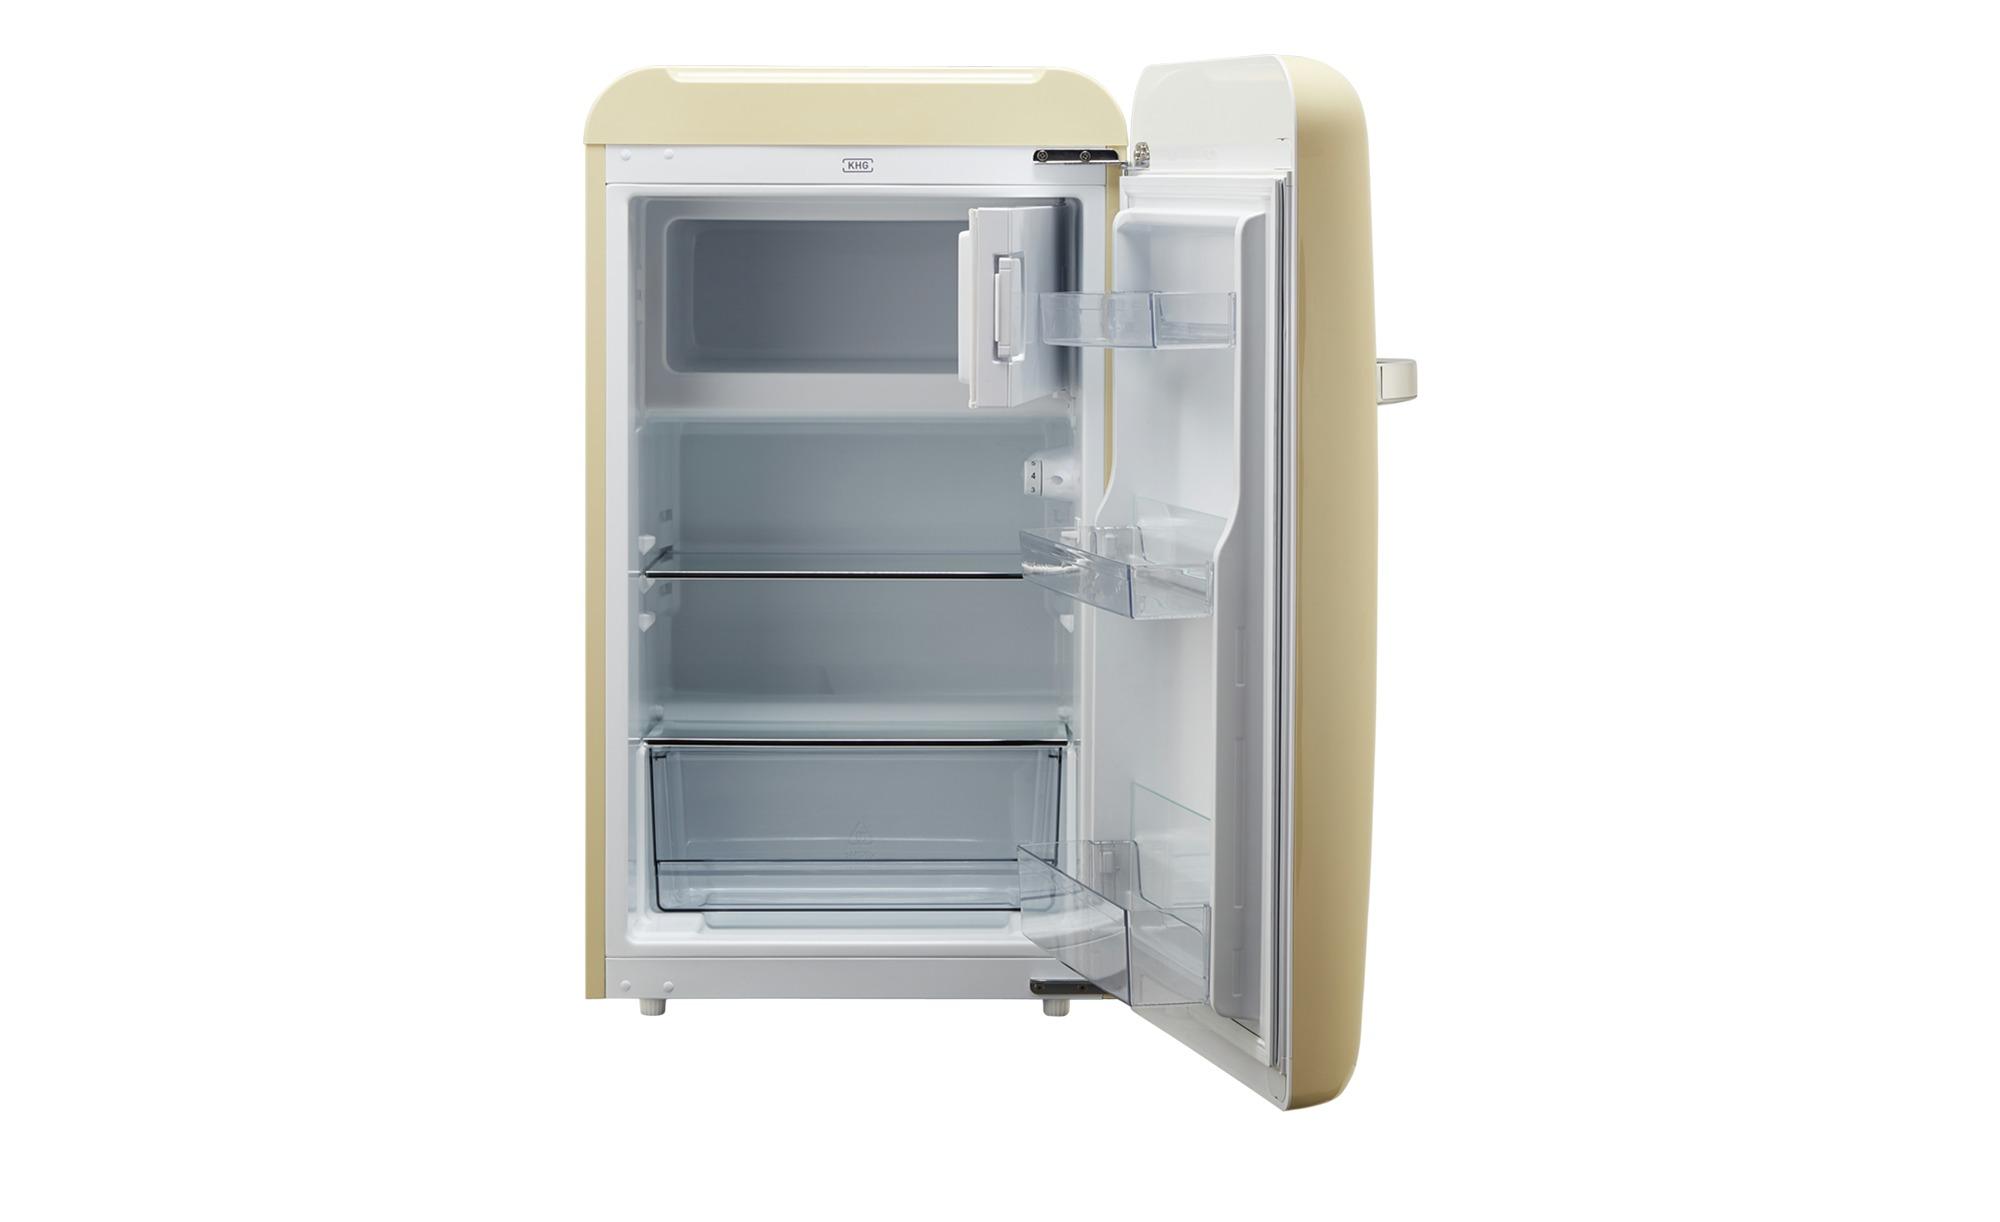 Bosch Kühlschrank Creme : Khg kühlschrank ksr 550mg c creme bei möbel kraft online kaufen